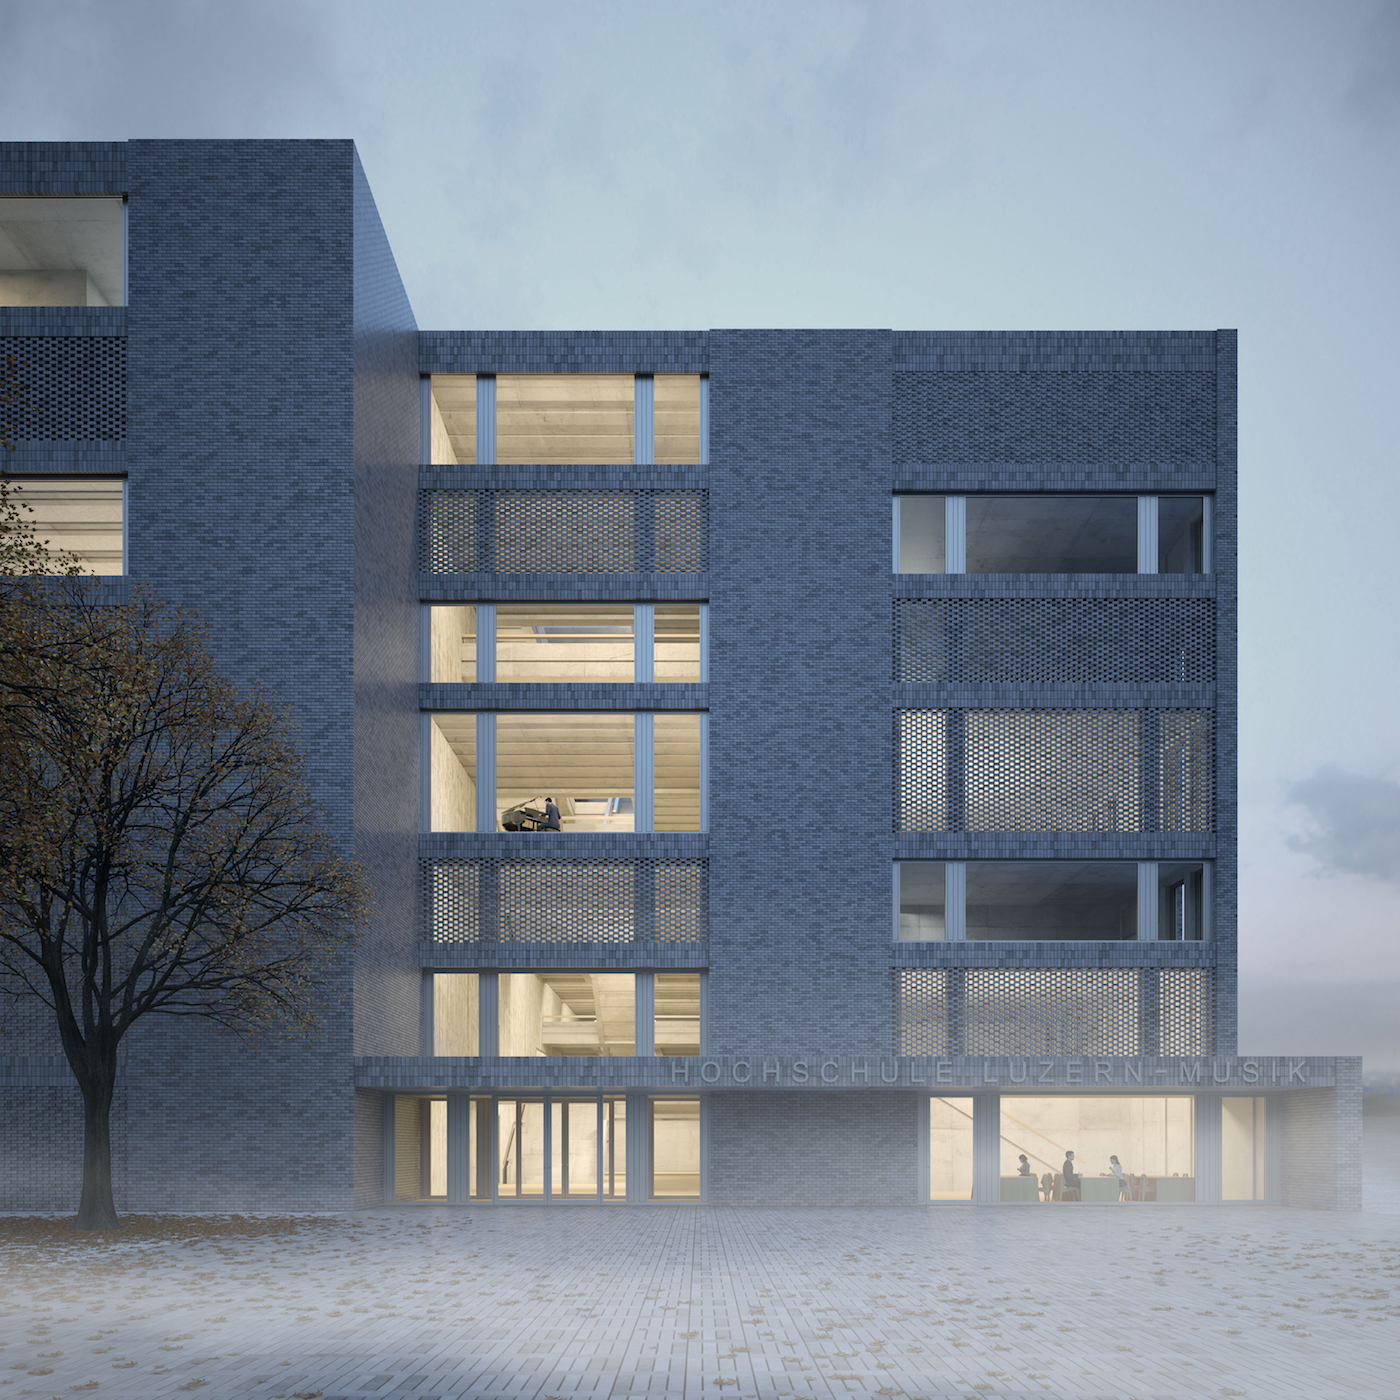 Ein Haus, das laut Architektenteam die Würde der Musik reflektieren soll.